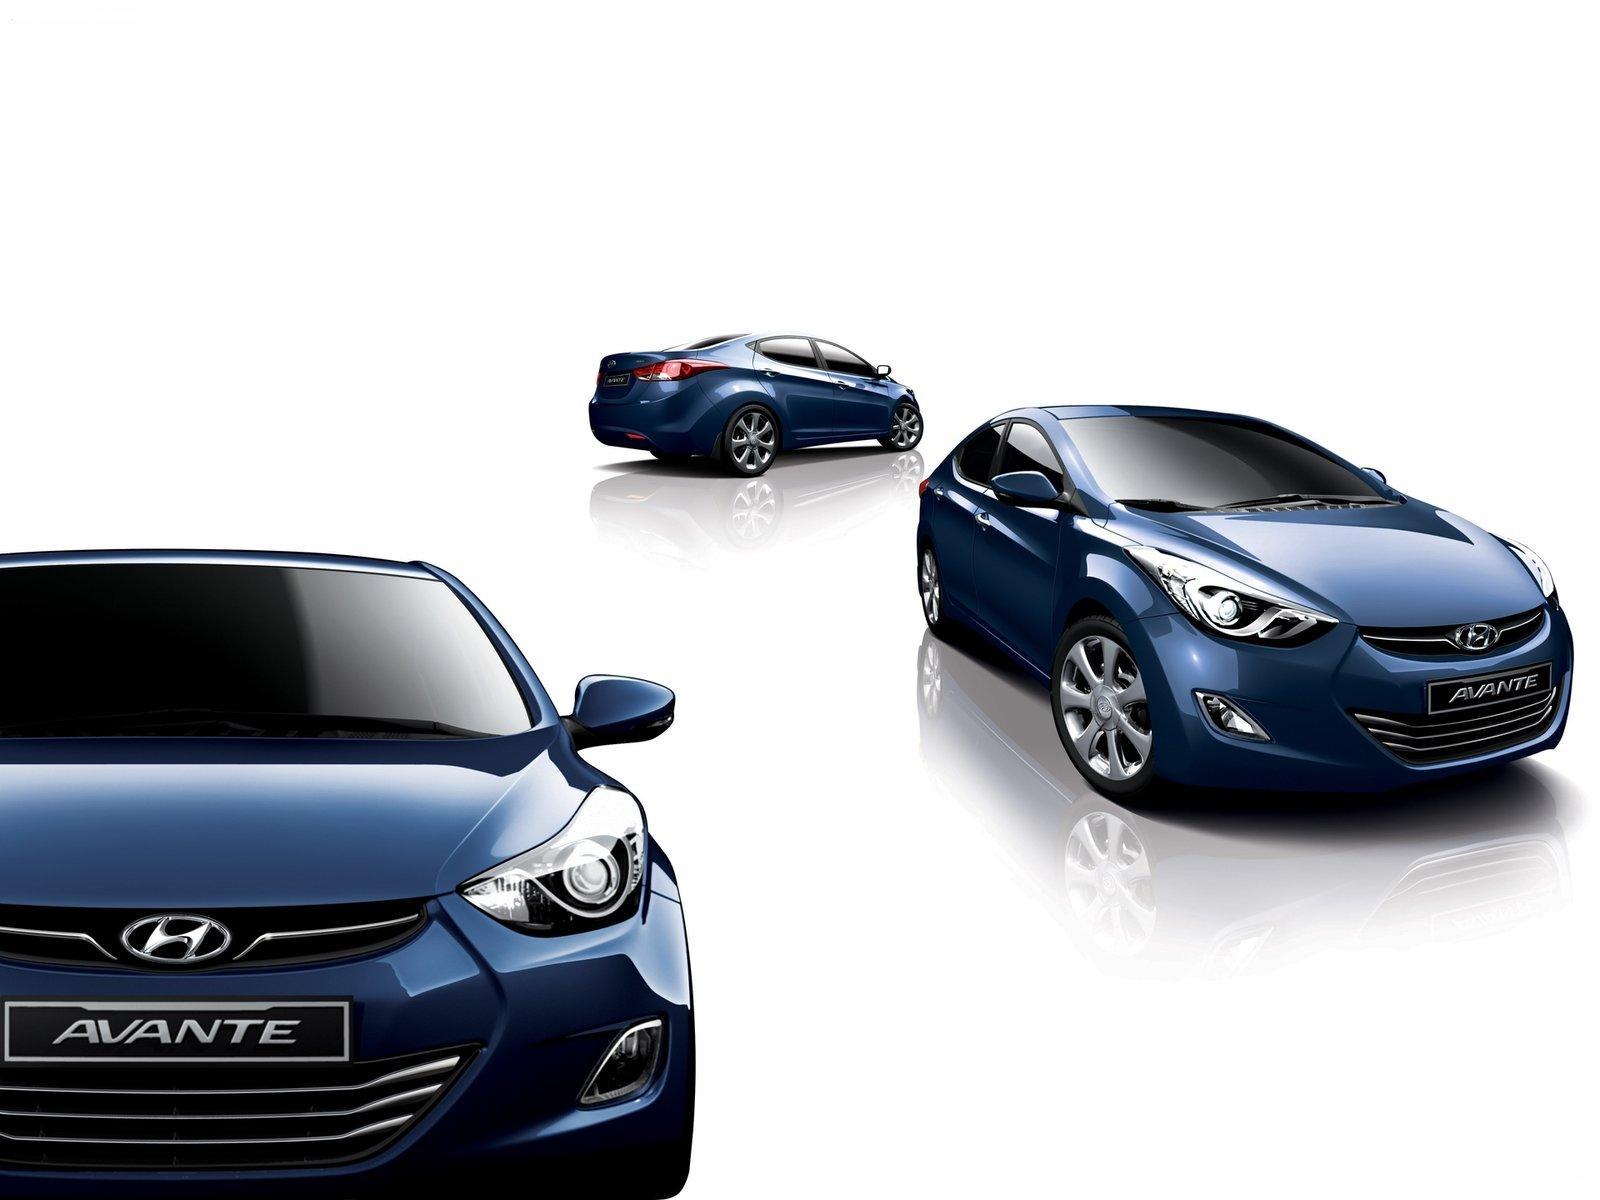 2011 Hyundai Elantra Avante Interior Rendering Photo Gallery